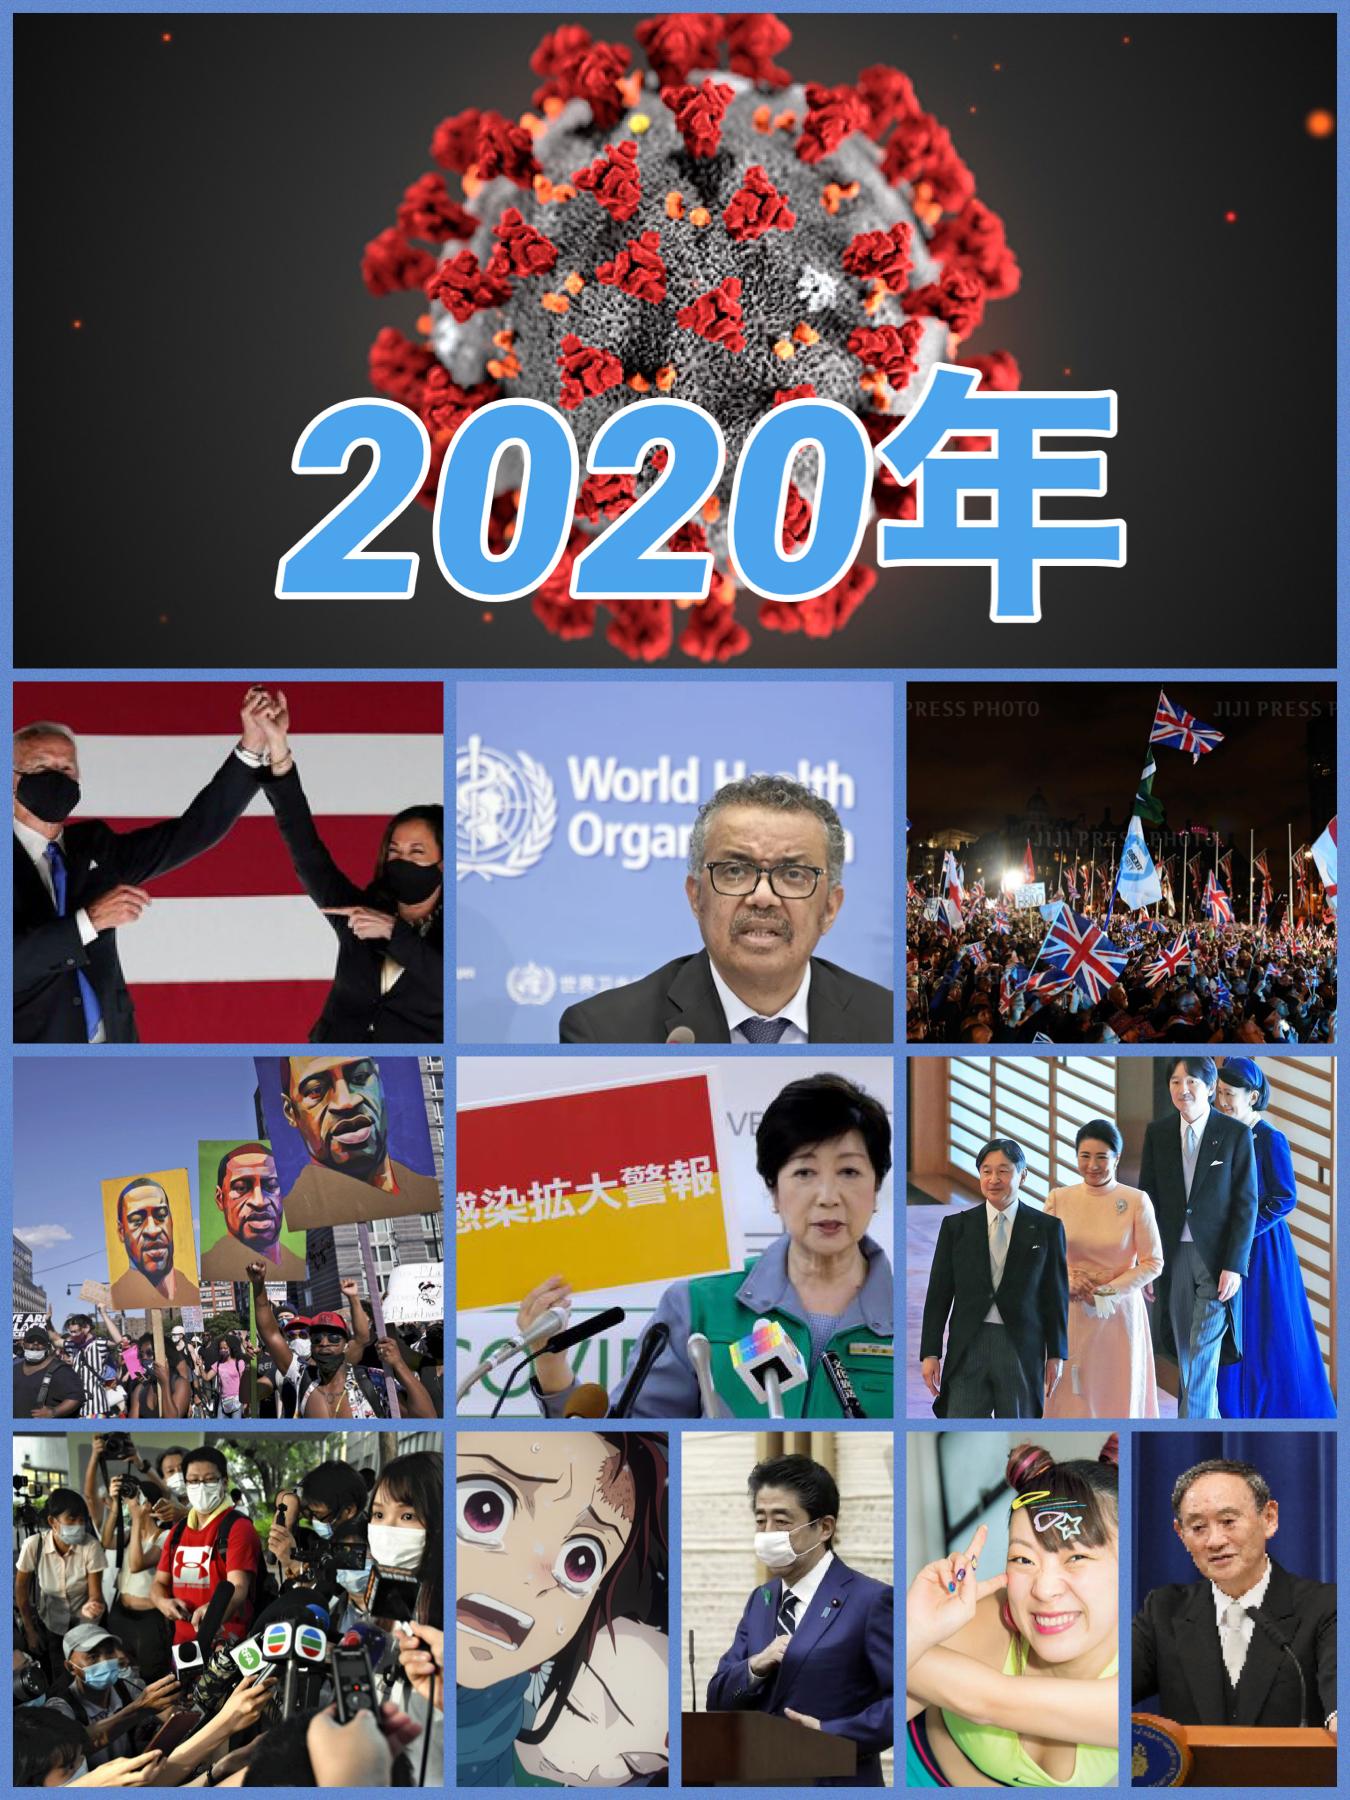 2020年の出来事  コロナに明け暮れた1年でした